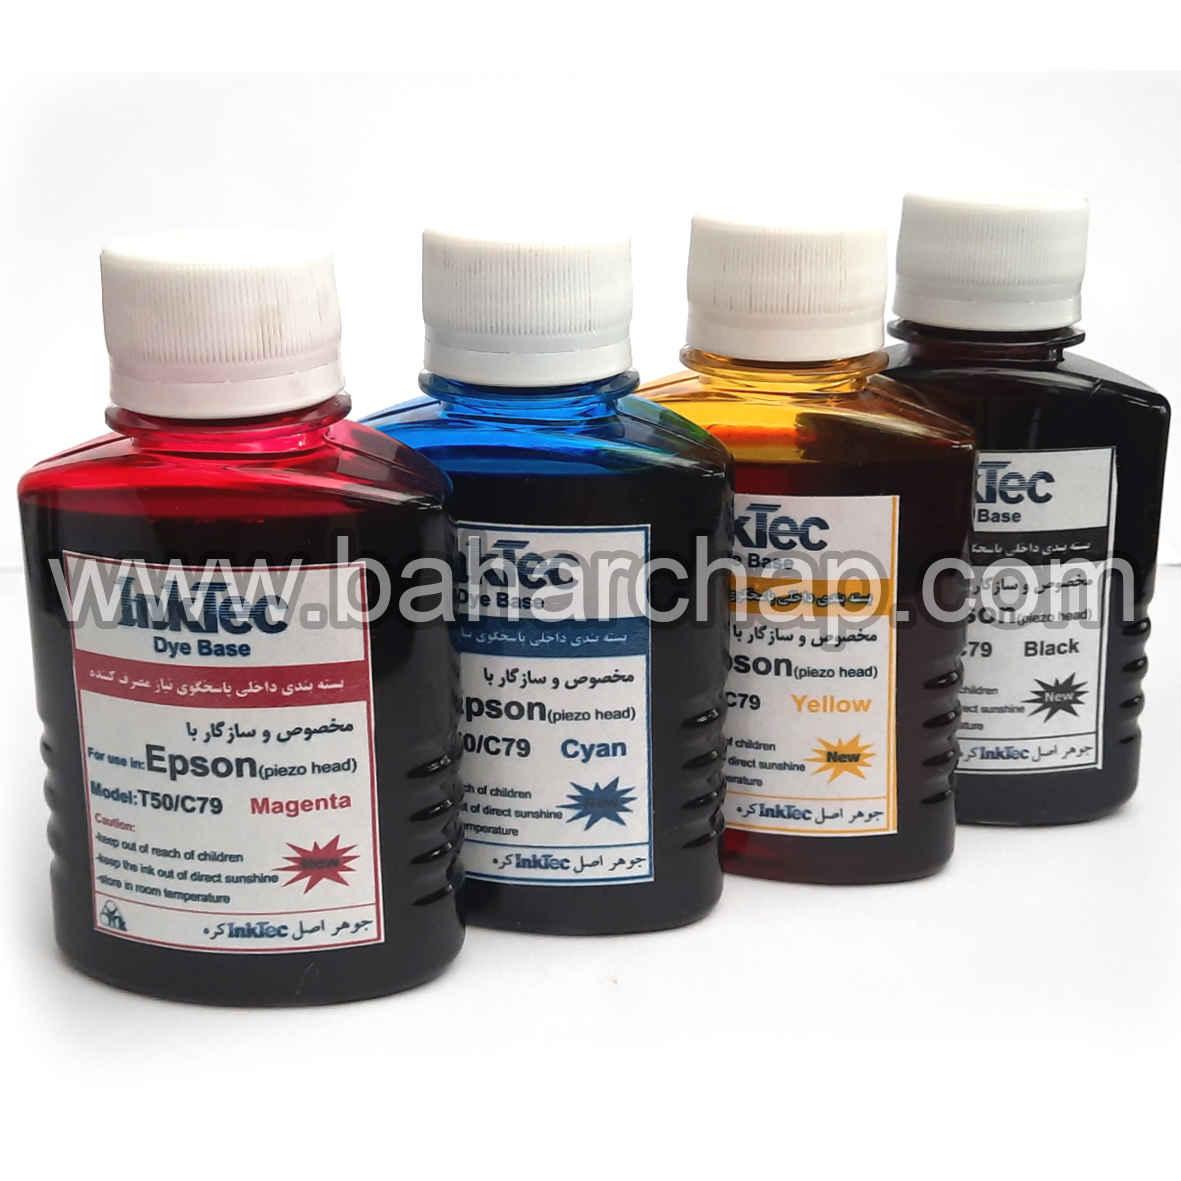 فروشگاه و خدمات اینترنتی بهارچاپ اصفهان-جوهر 100ccچهار رنگ اپسون INKTEC داخلی-INKTEC epson 4color 100cc